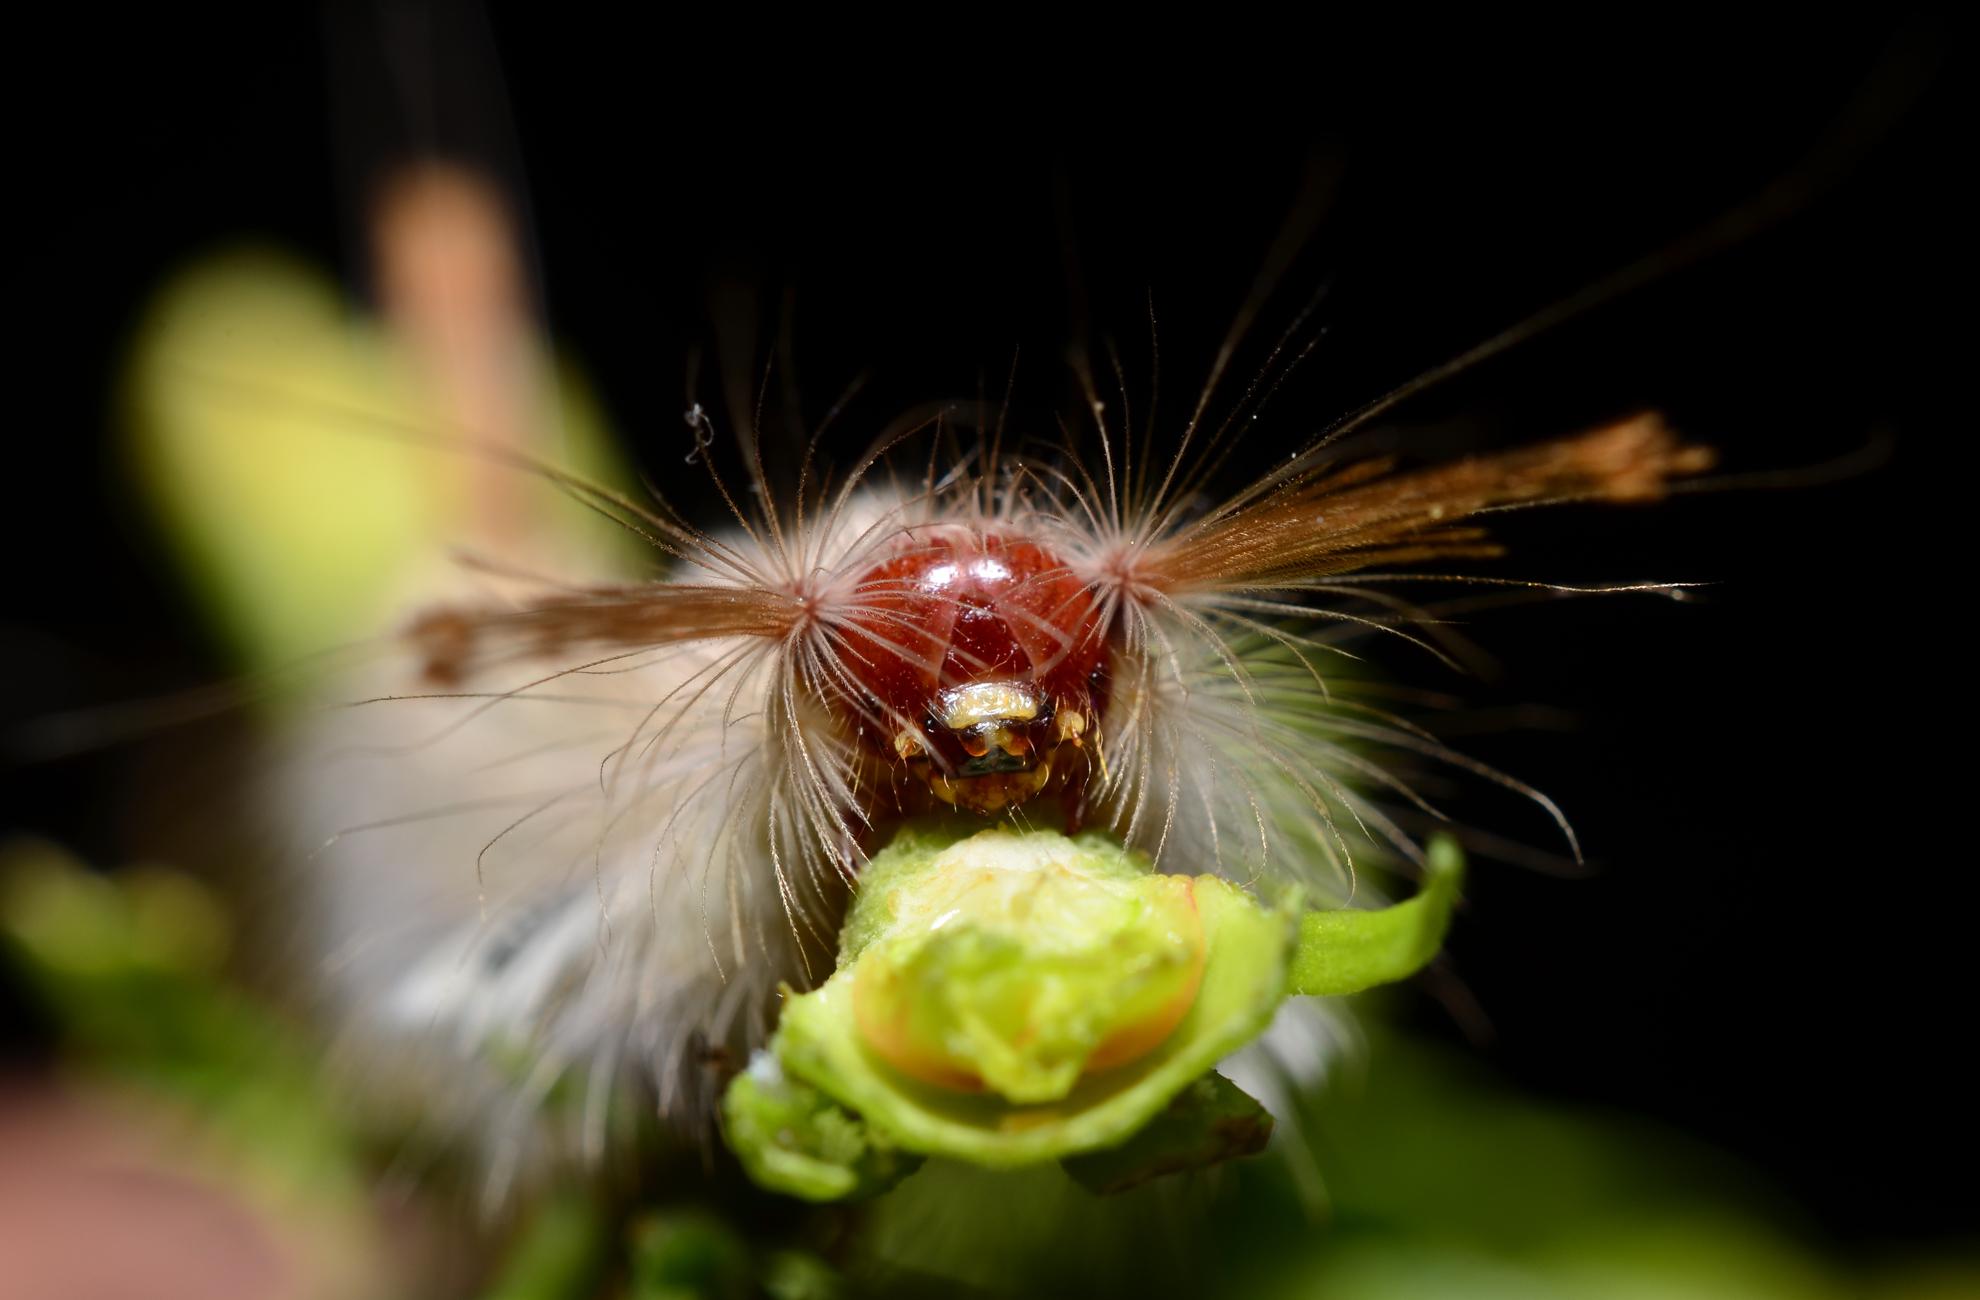 portrait of a Moth caterpillar